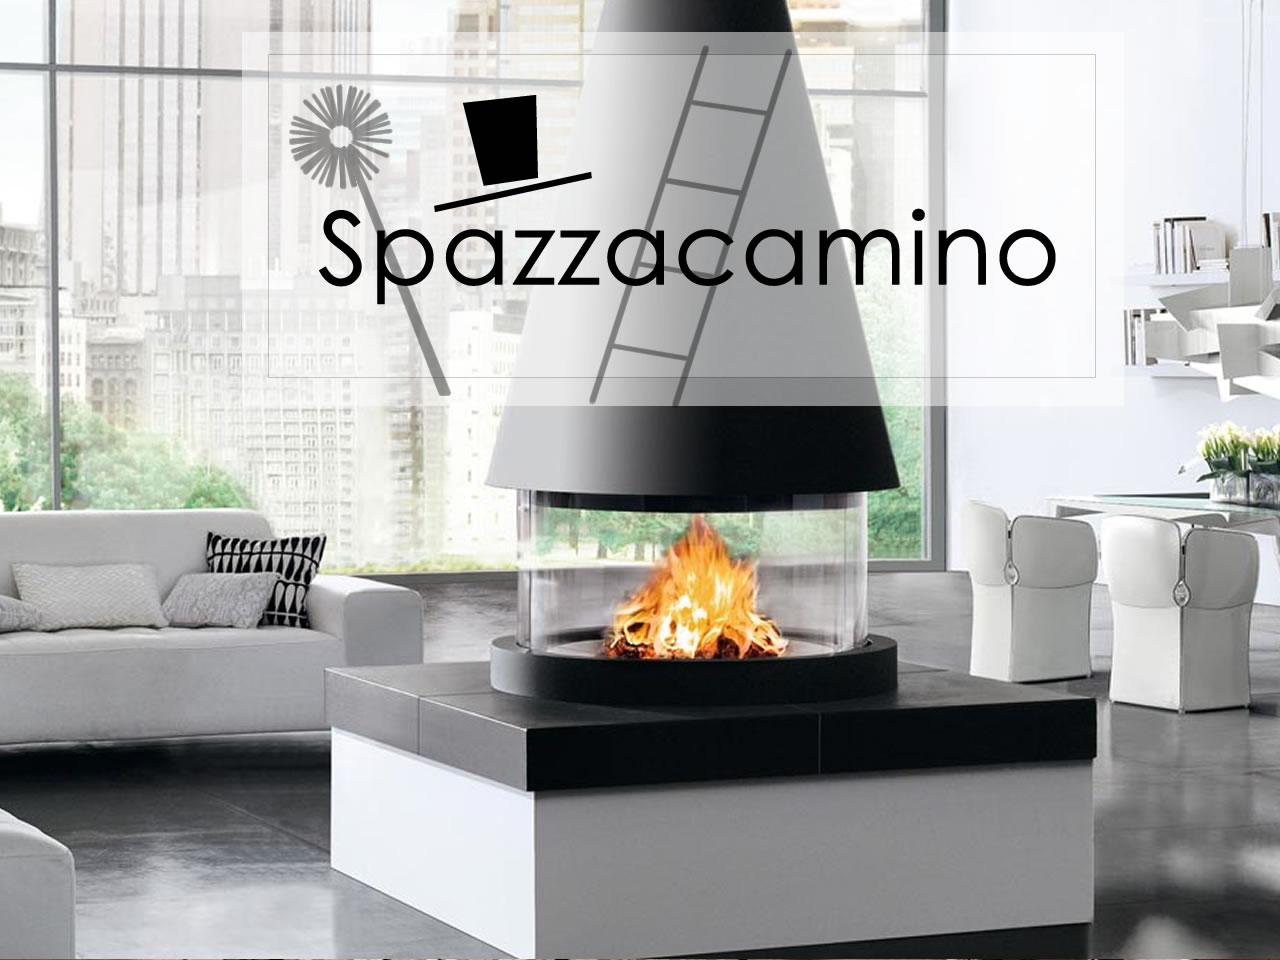 Portello Milano - Spazzacamino Spazzacamino a Portello Milano